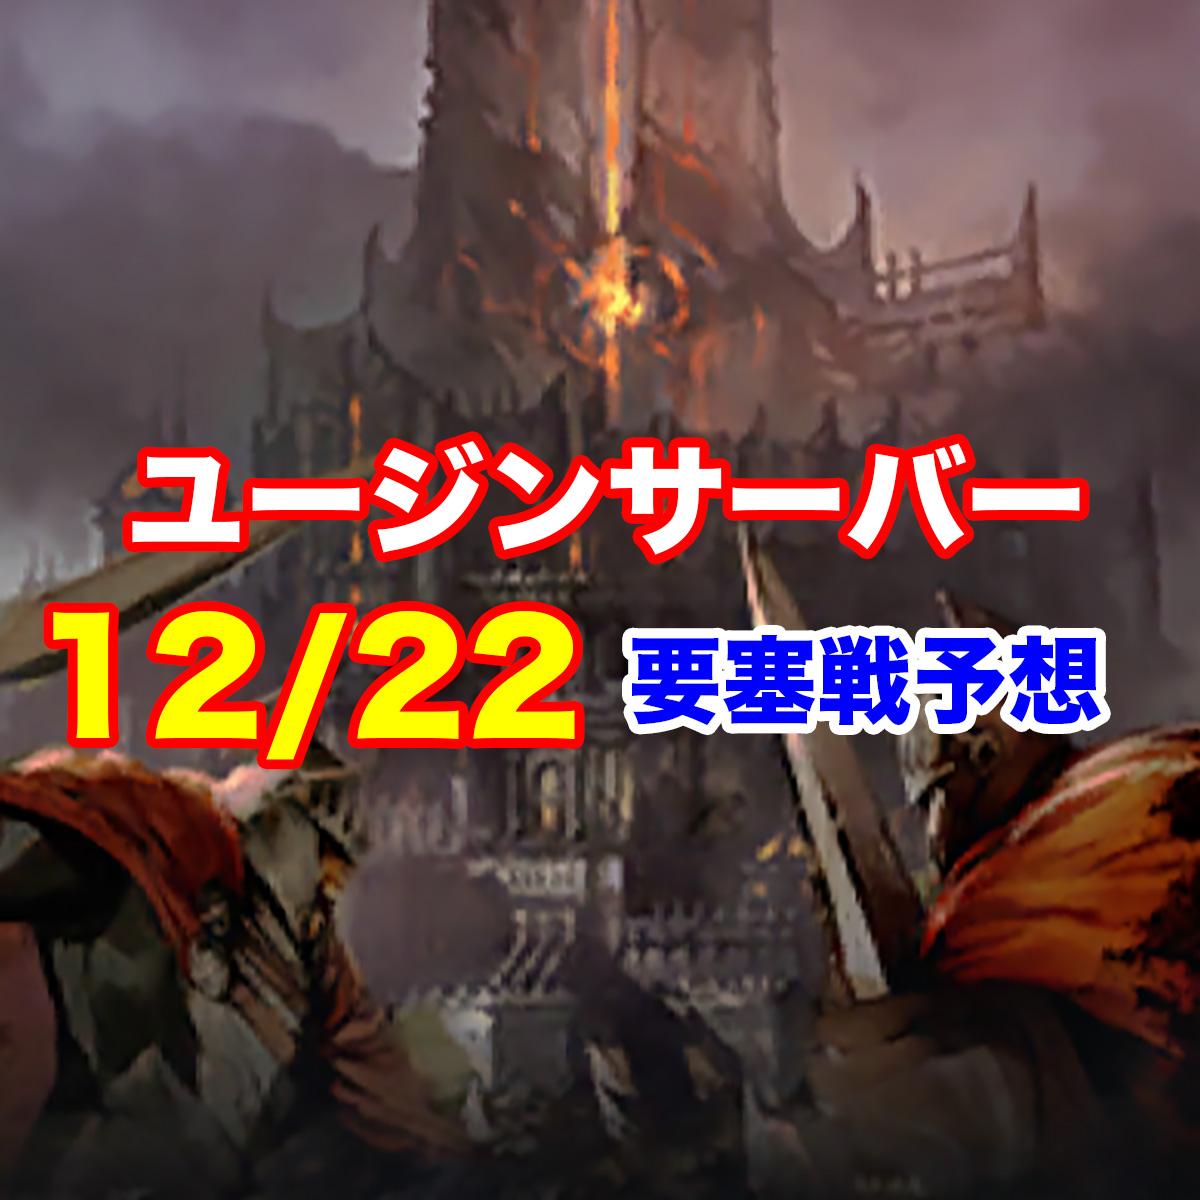 12/22 要塞戦予想